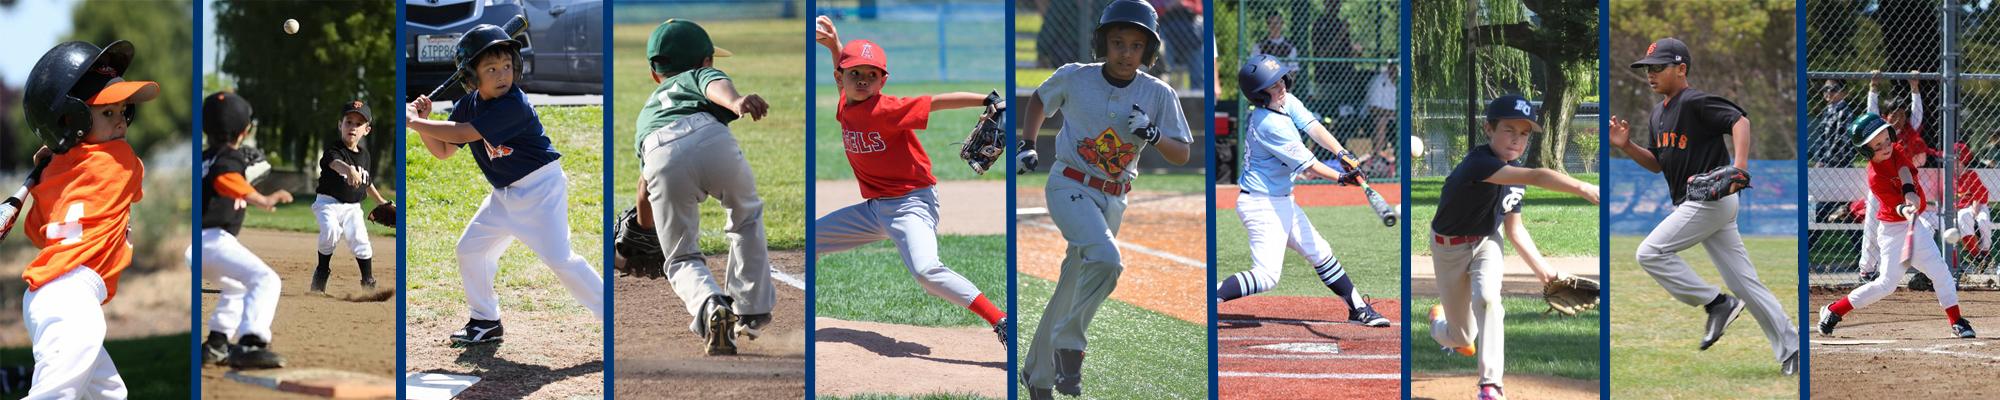 Foster City Little League, Baseball, Run, Field